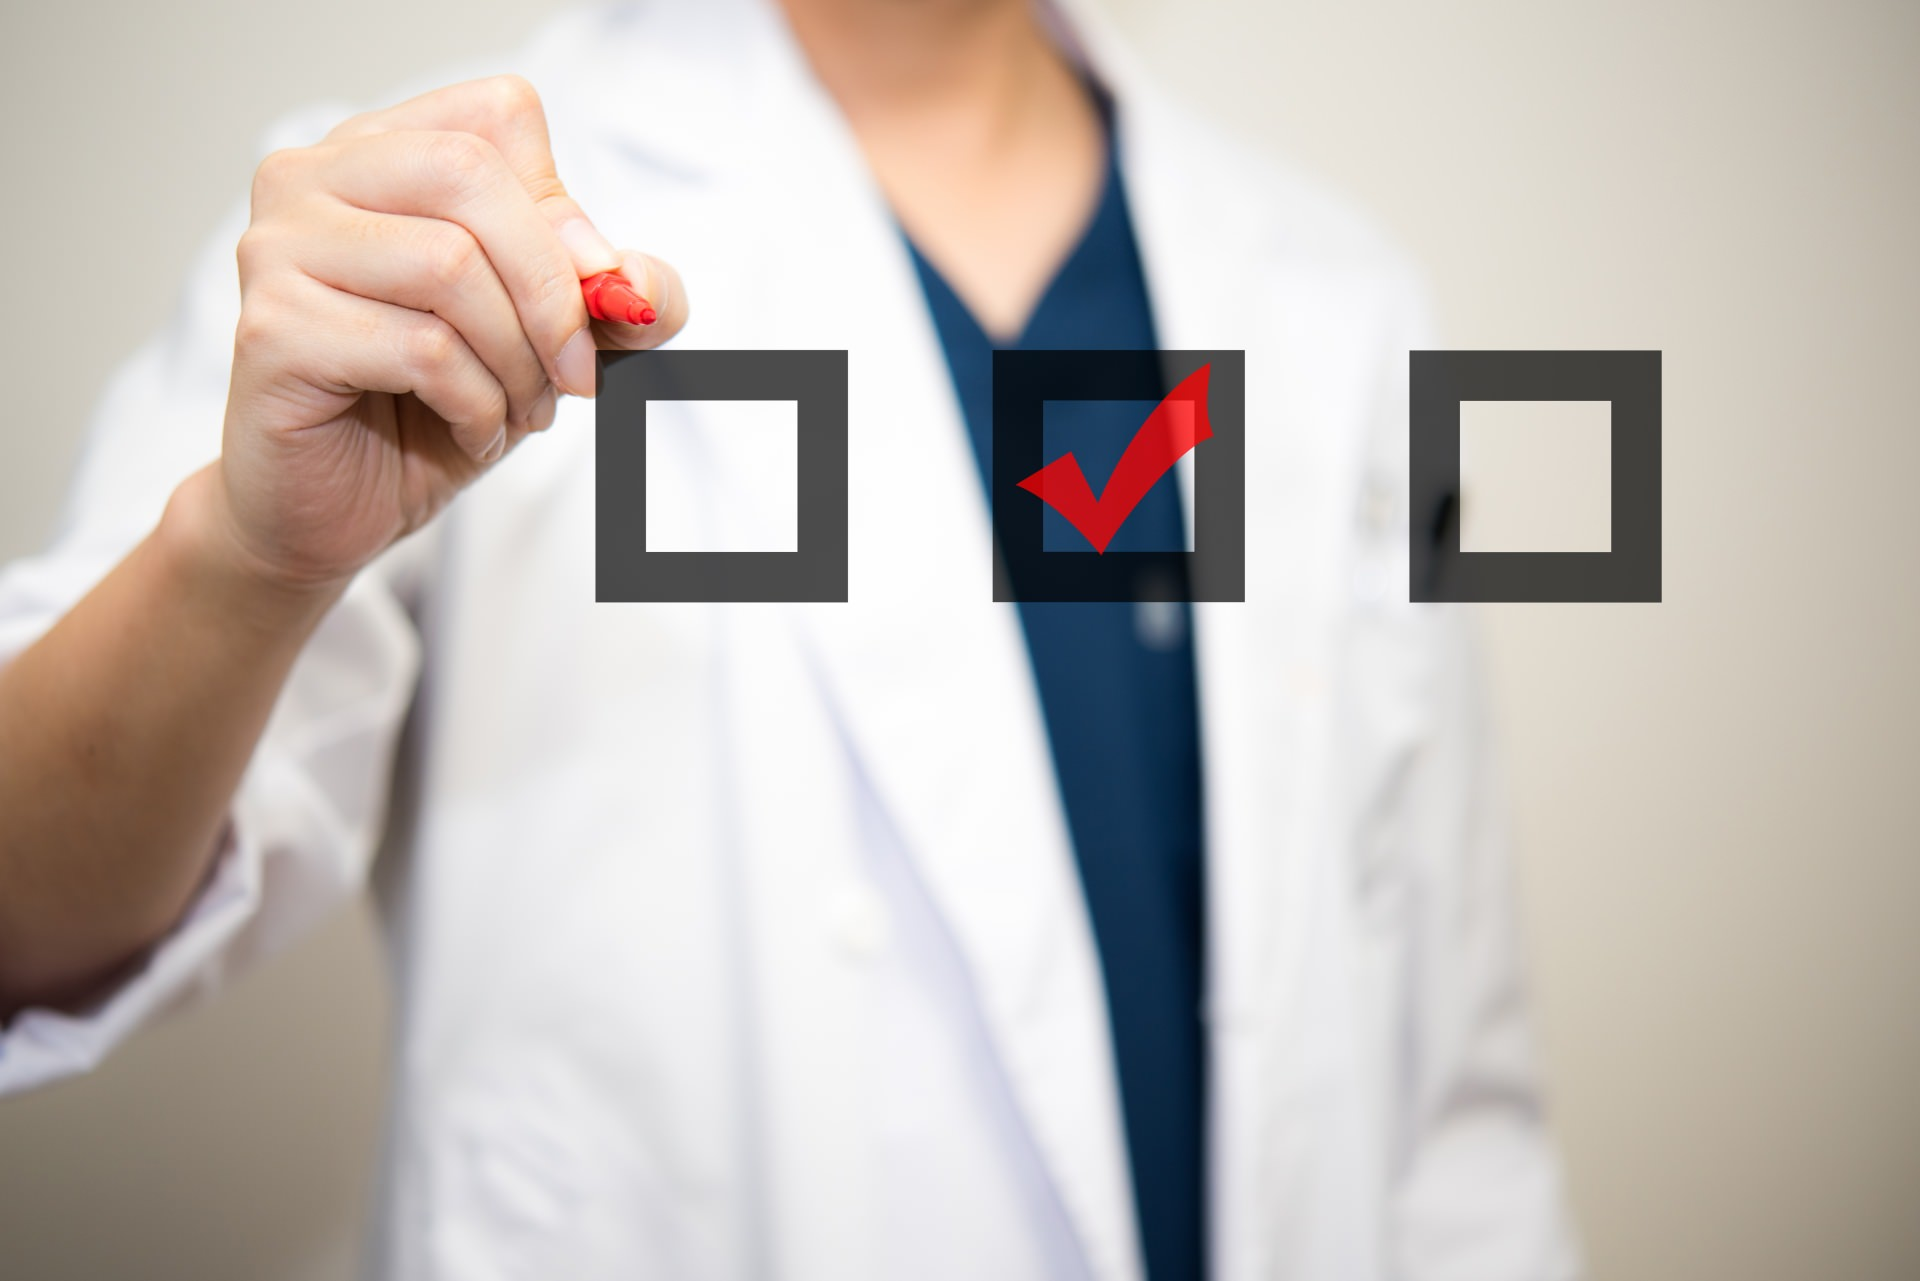 予防接種は1つ1つ確認しながら必要な物をしっかり受けましょう